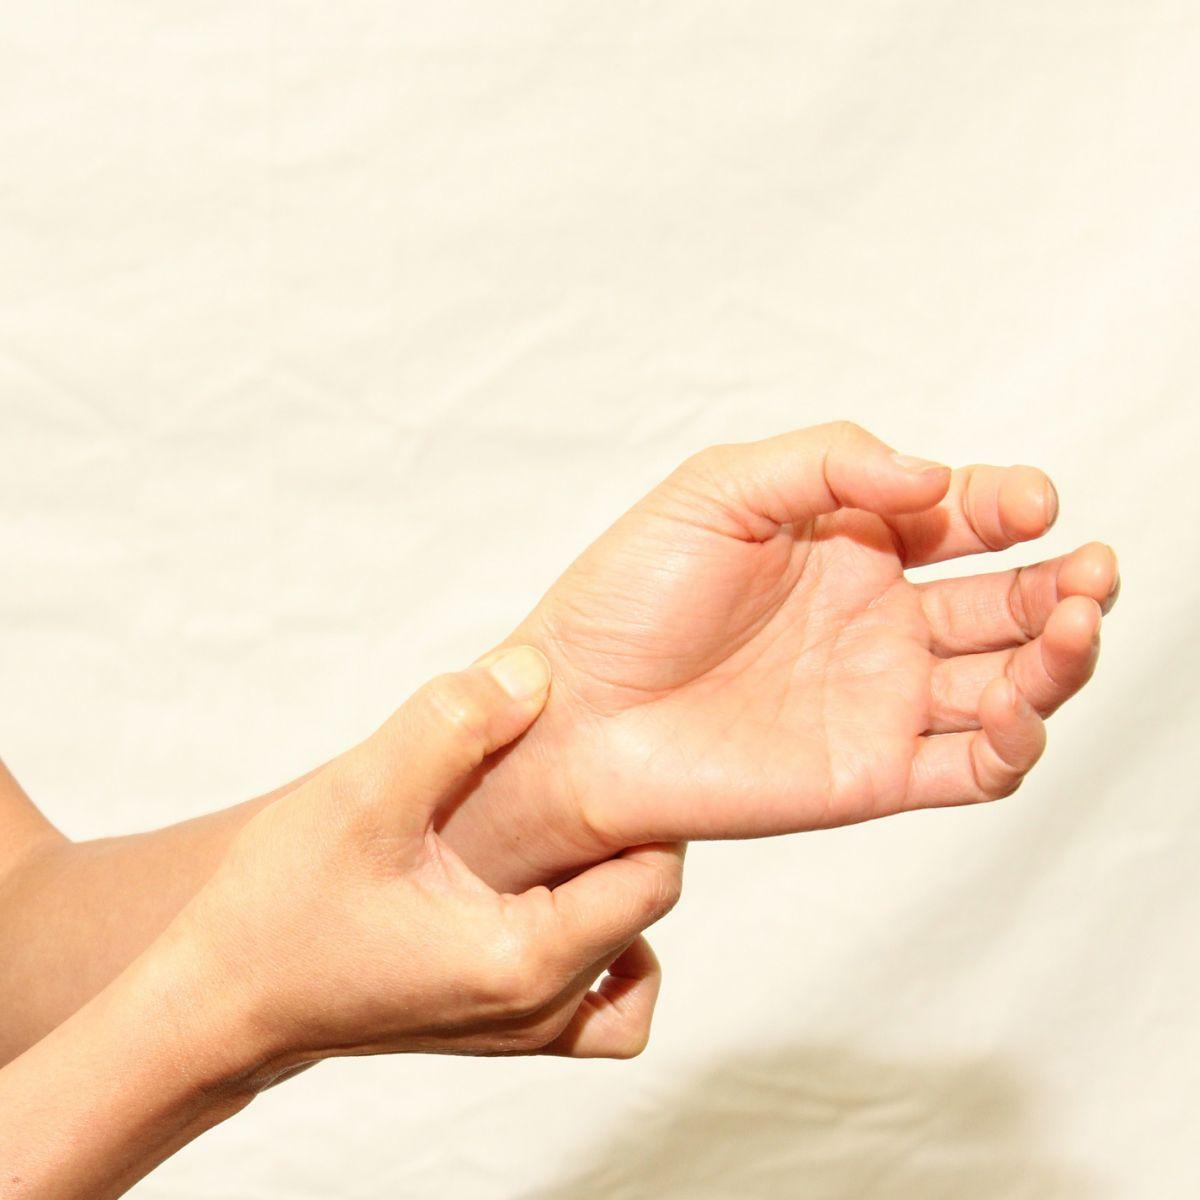 dureri la încheietura mâinii în timpul efortului tratament comun seregovo